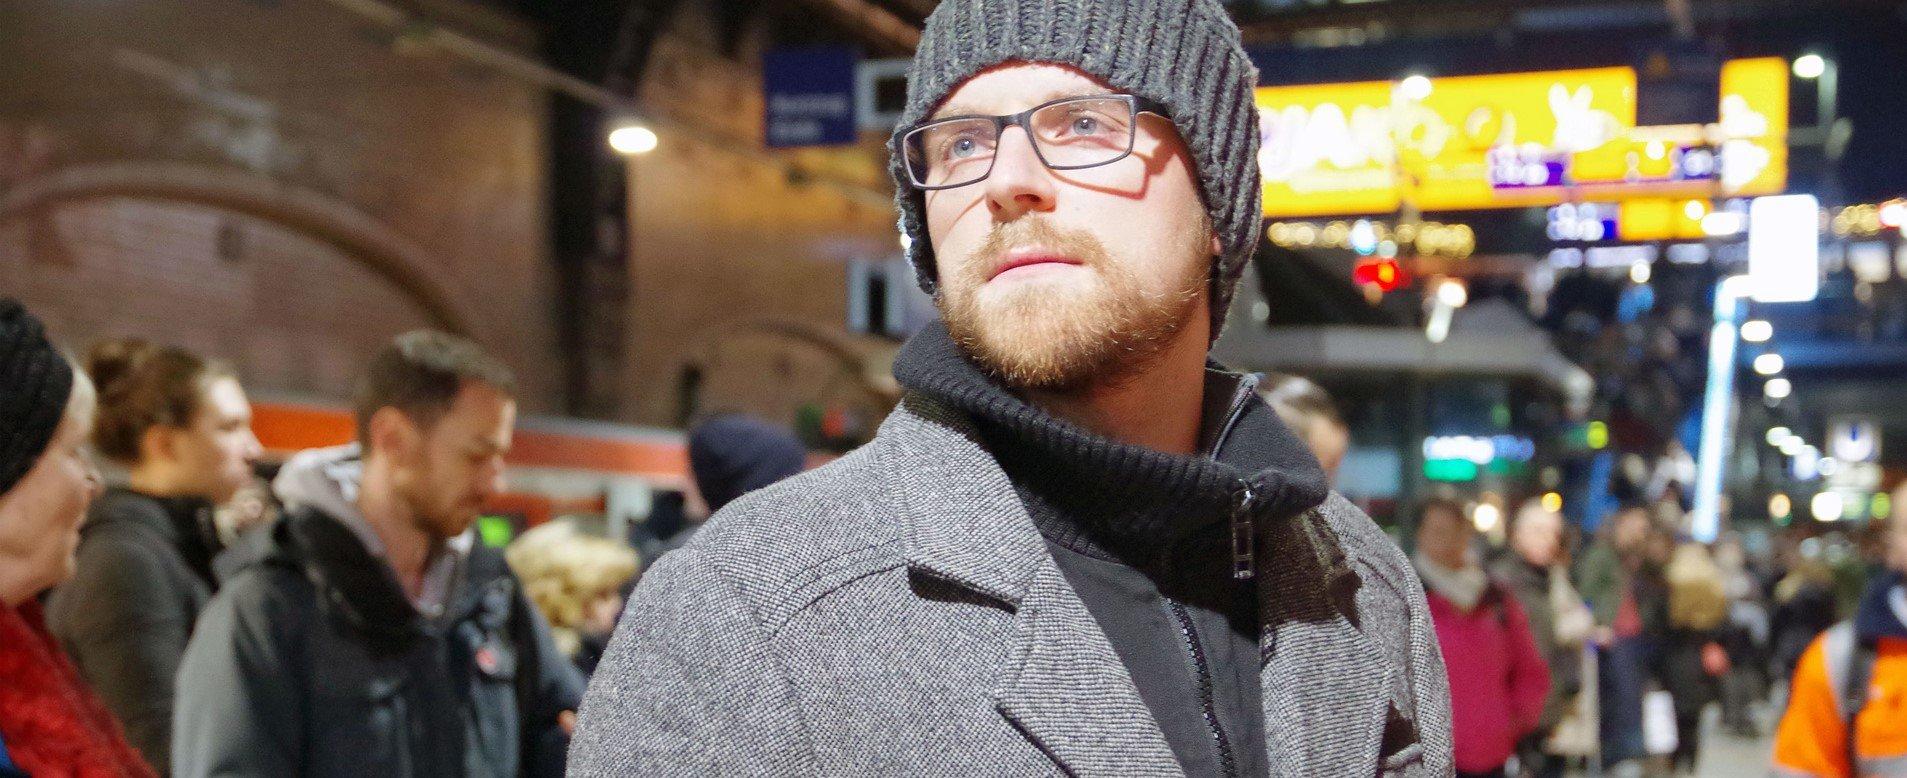 Neu in der Stadt: Berufsanfänger Christian Adis muss sich einen neuen Freundeskreis aufbauen  -  ZDF und Eva Münstermann